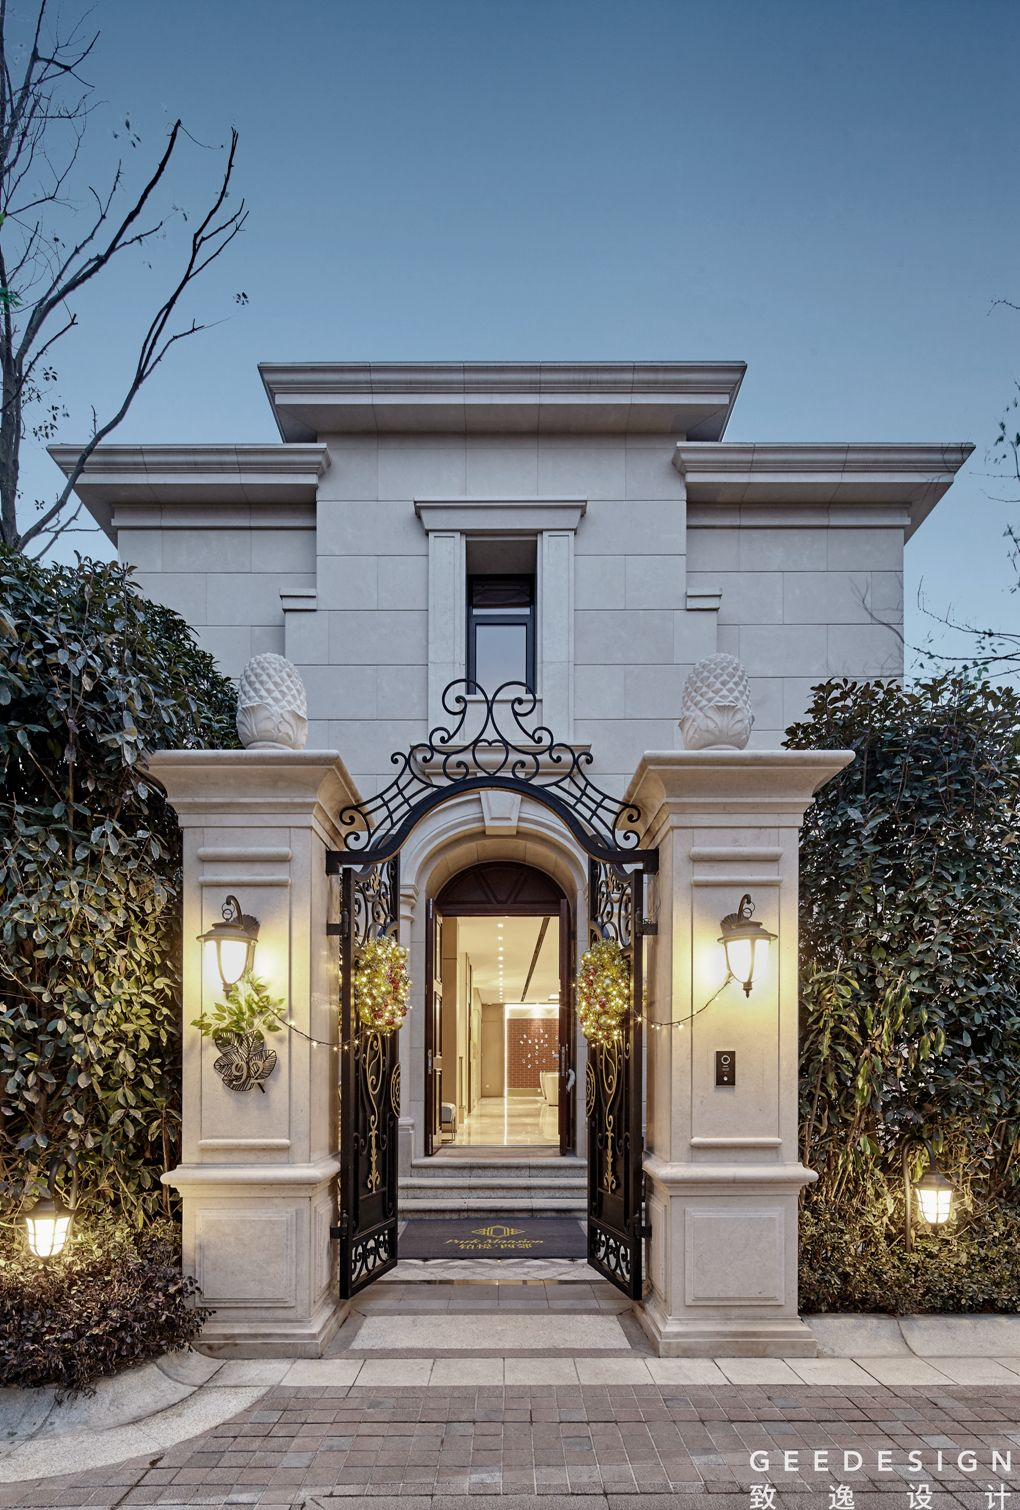 تنفيذ اعمال موزاييك واجهات الفلل في الكويت ت 22624166 مقاول تصميم وتنفيذ اعمال الموزاييك الخارجي Classic House Exterior House Gate Design Classic House Design